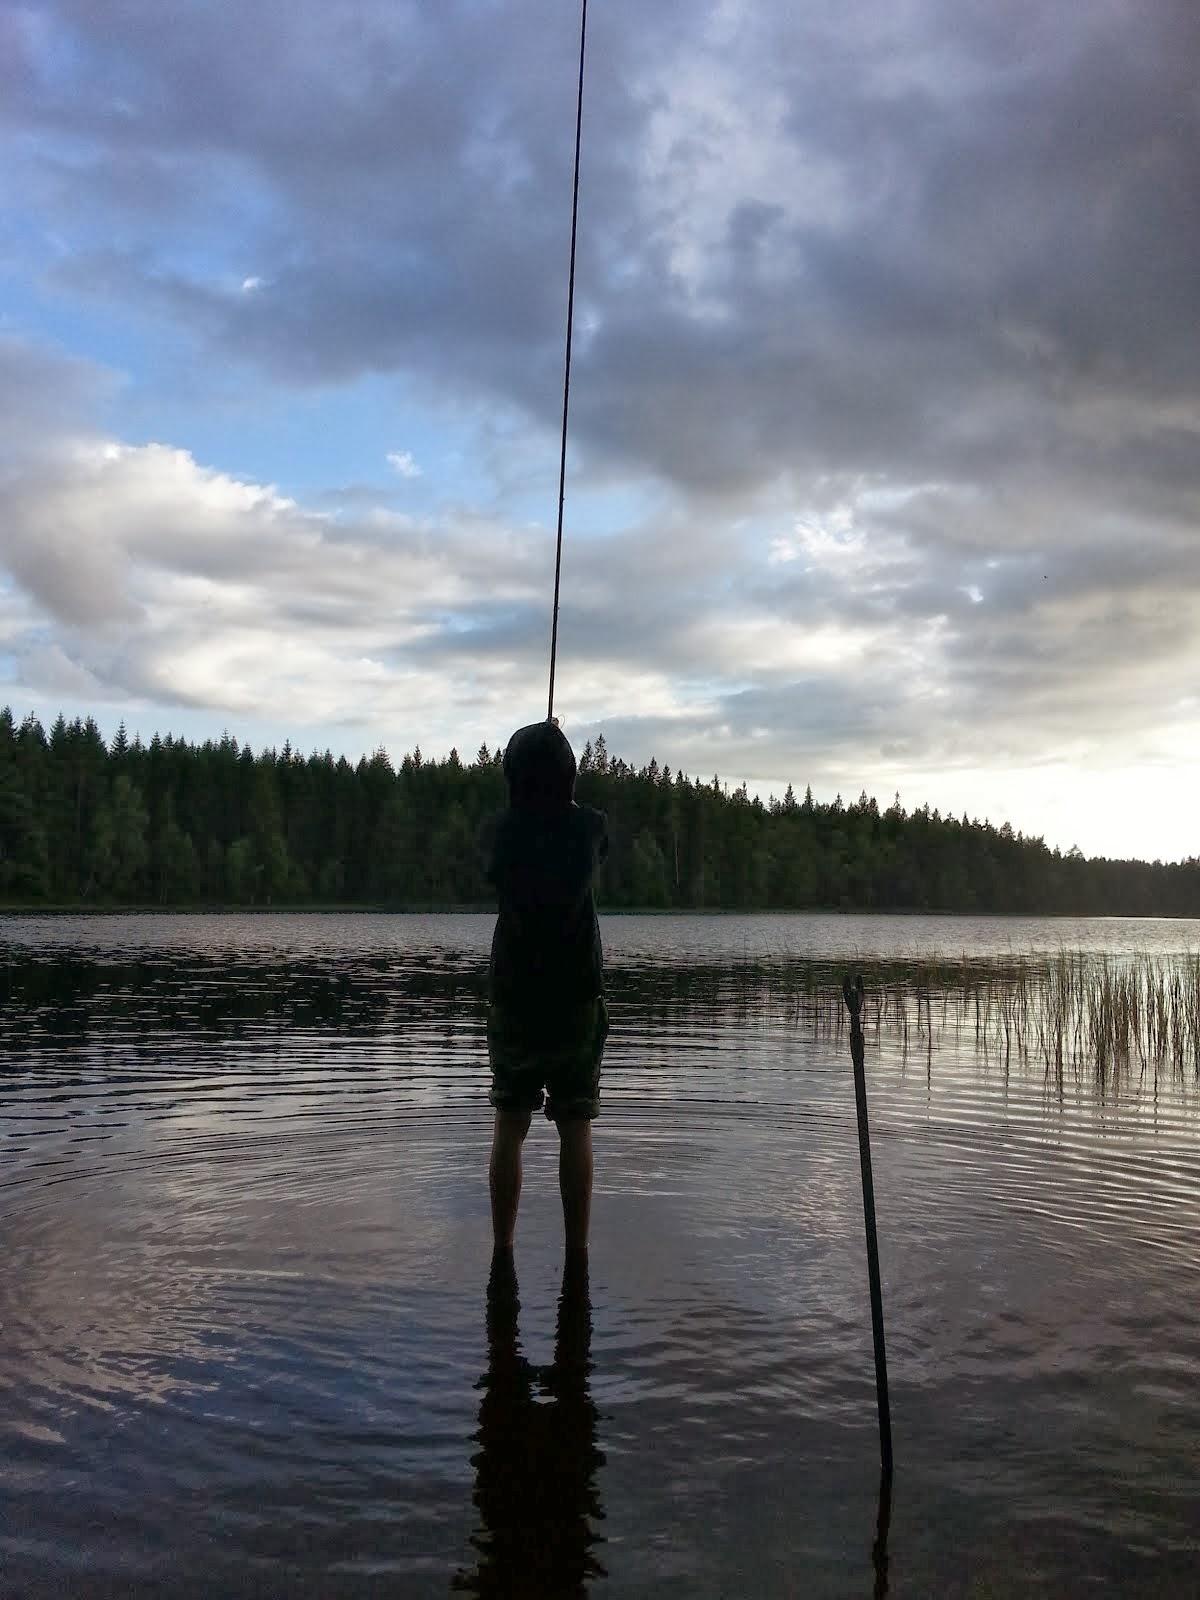 FISKEVÄN LÄGGER UT SPÖT